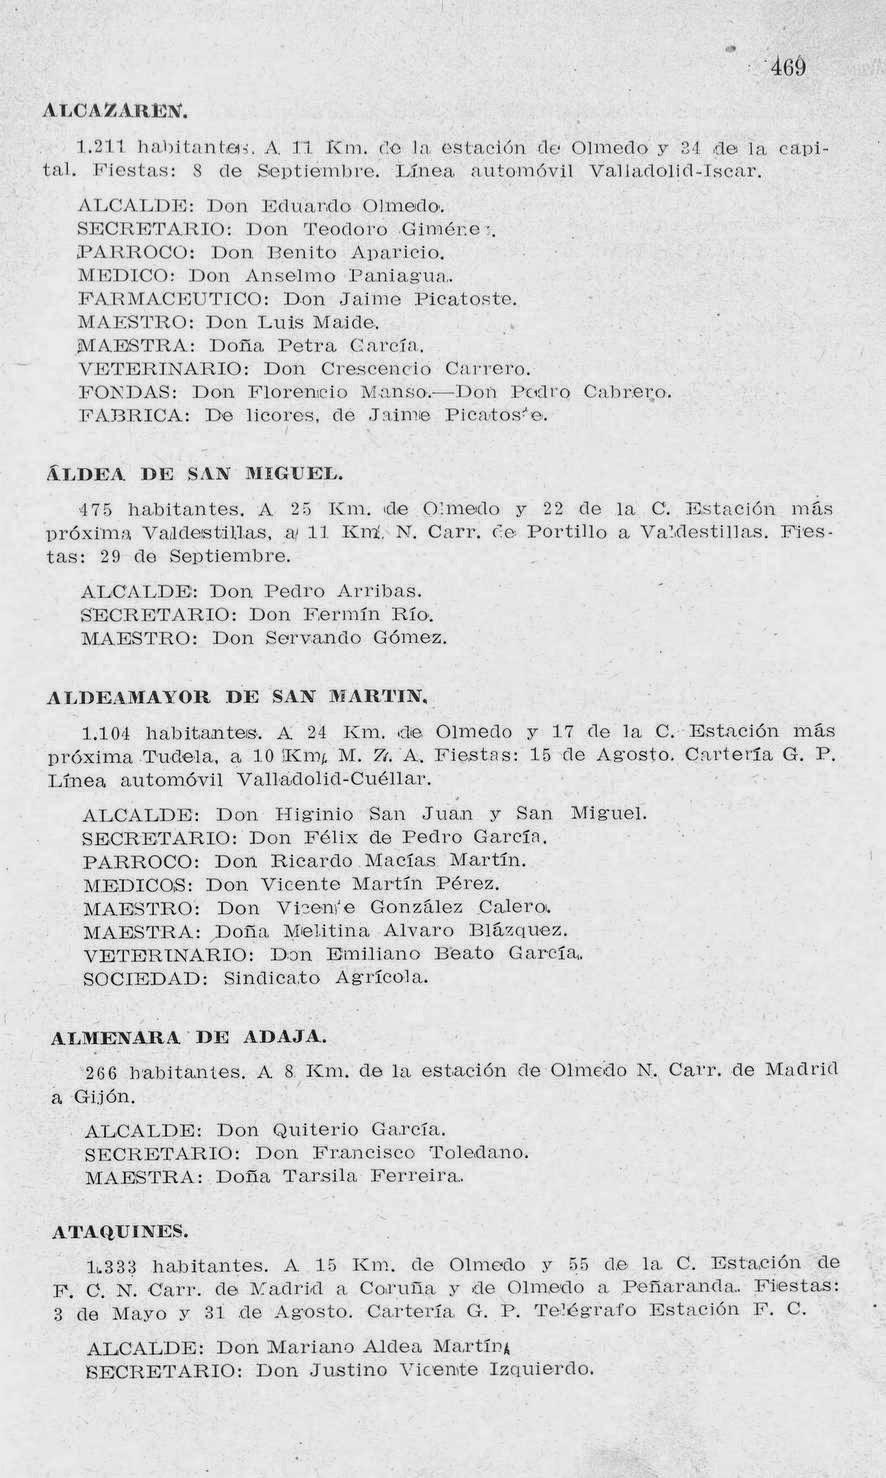 Guía-anuario de Valladolid y su provincia 1927 de la Casa Santarén, página 469